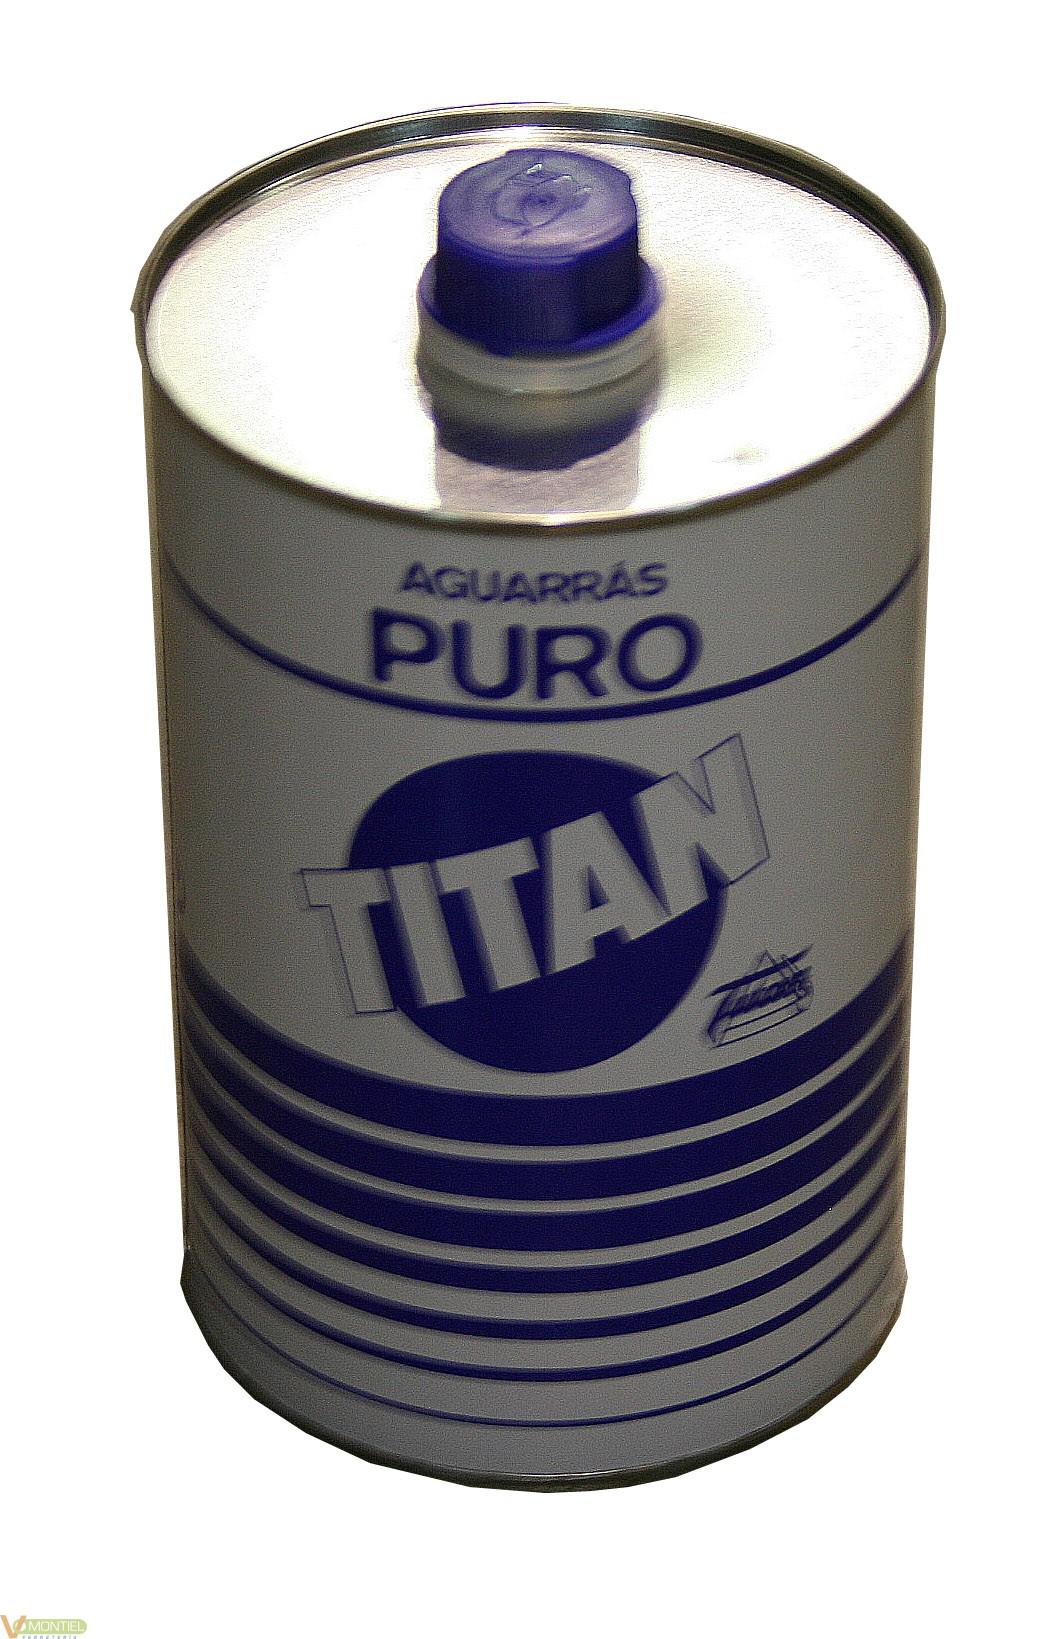 Aguarras puro 250 ml titan-0